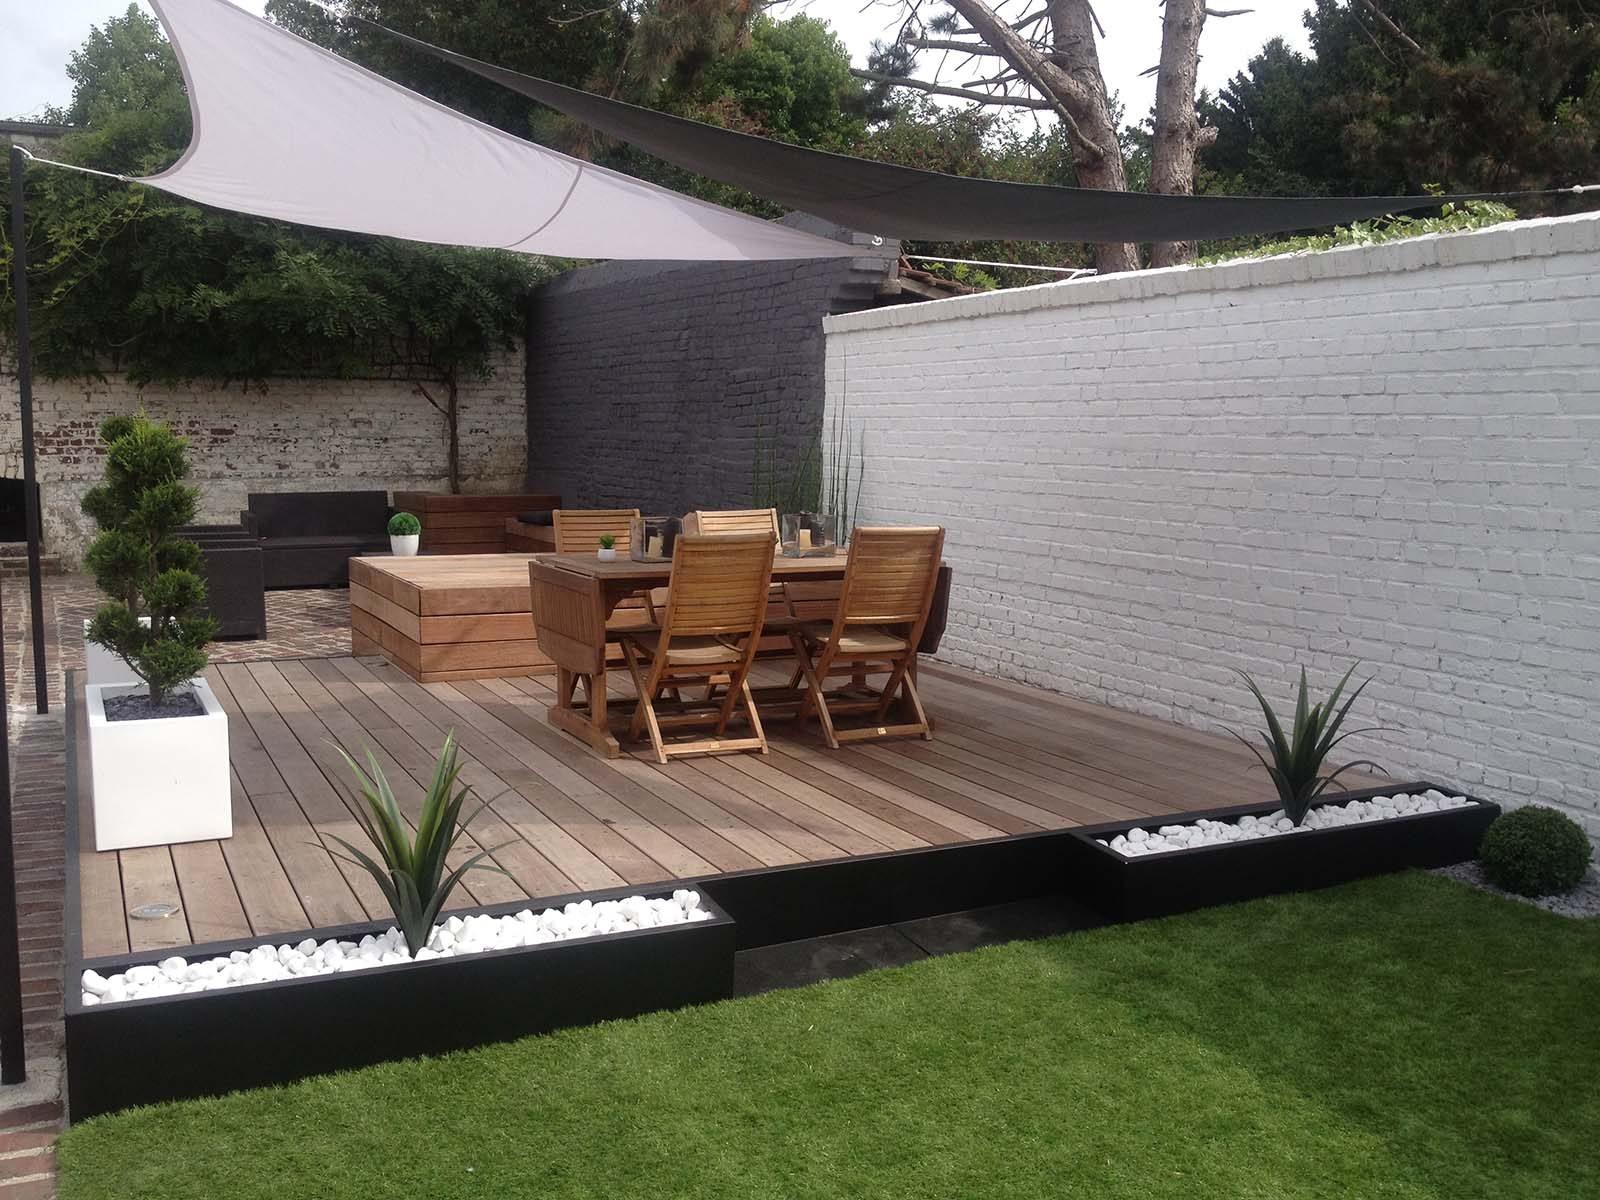 Destombes Bois Abri de jardin abris en bois Garage